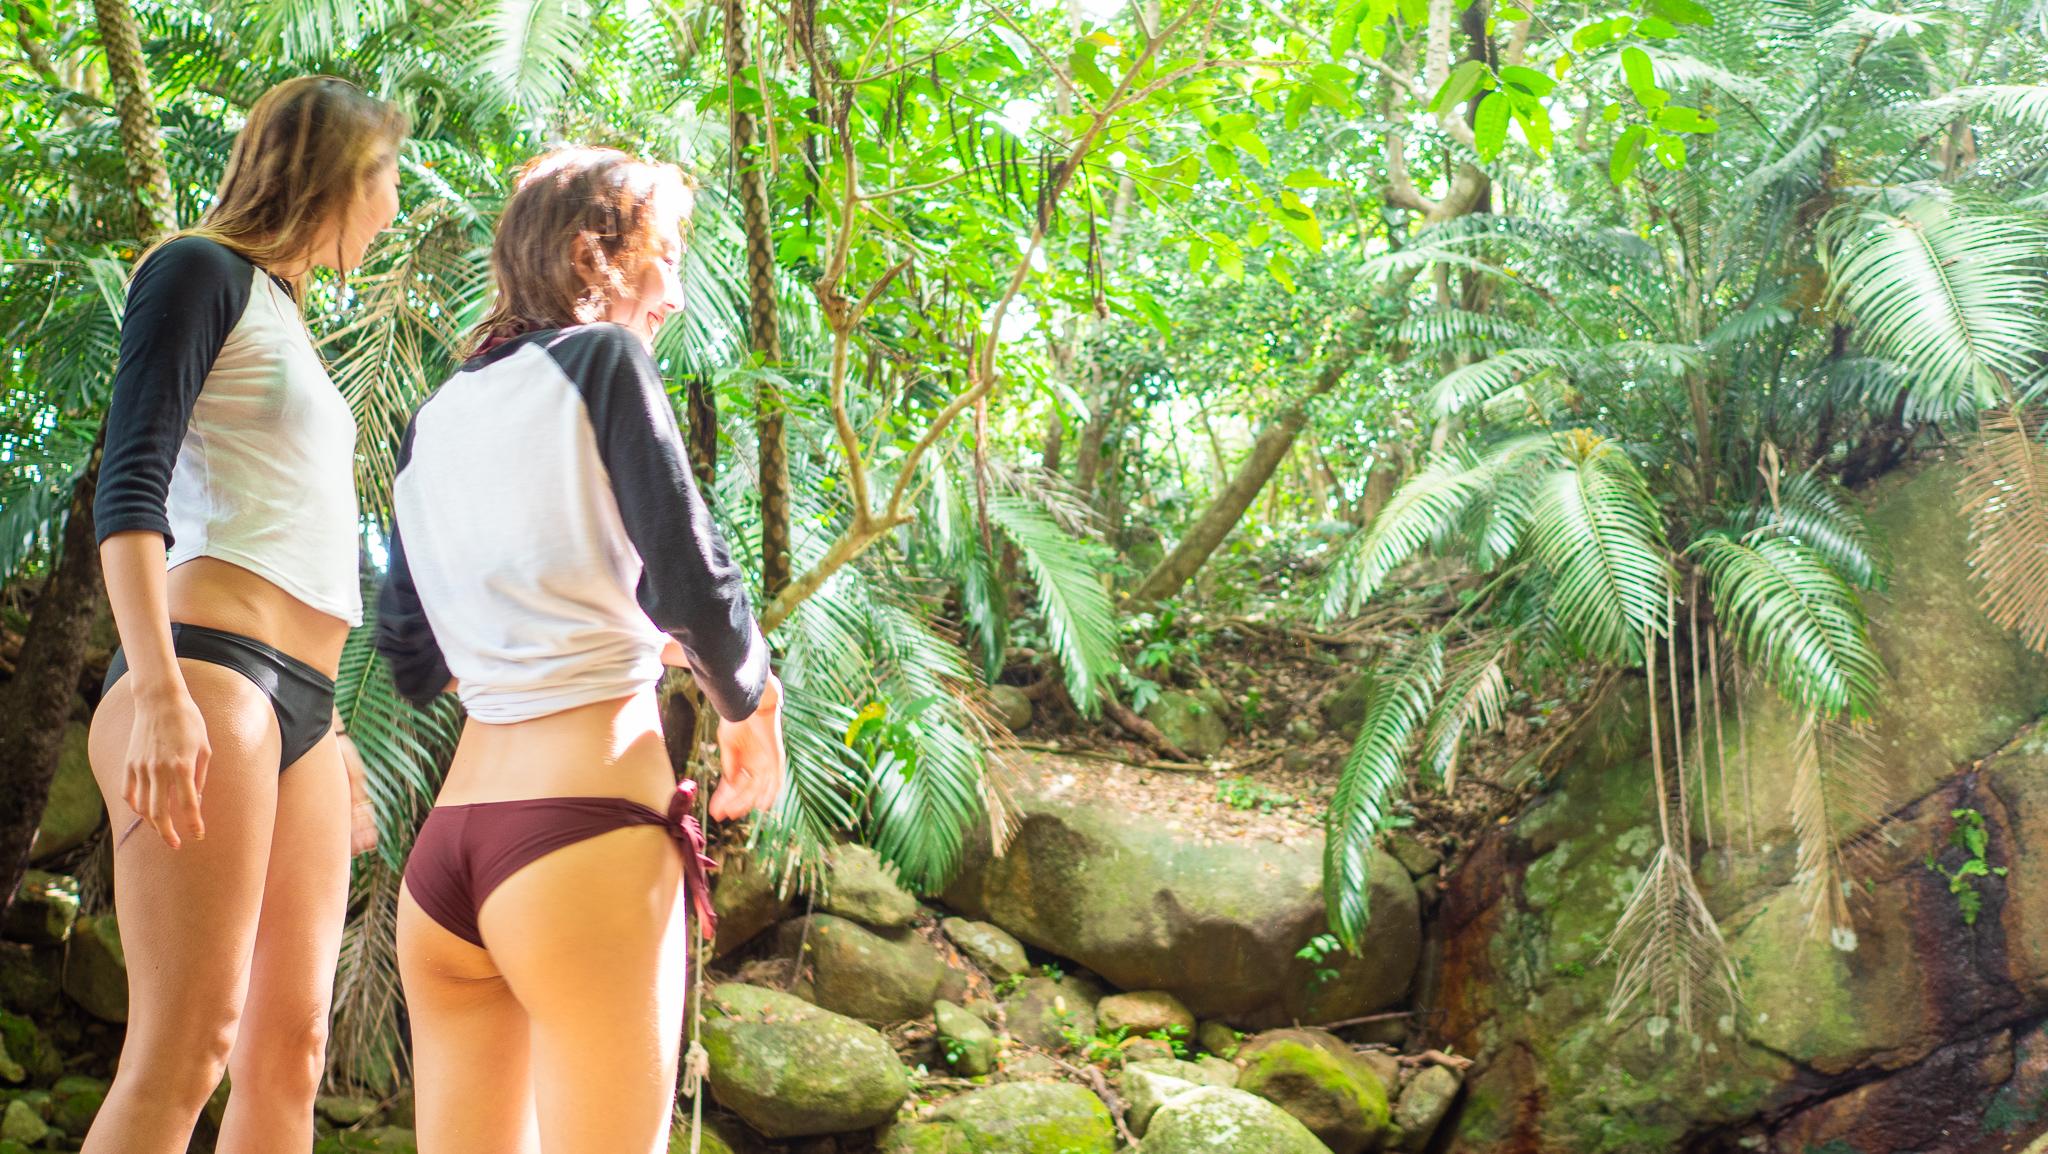 荒川の滝で休憩する女性2人